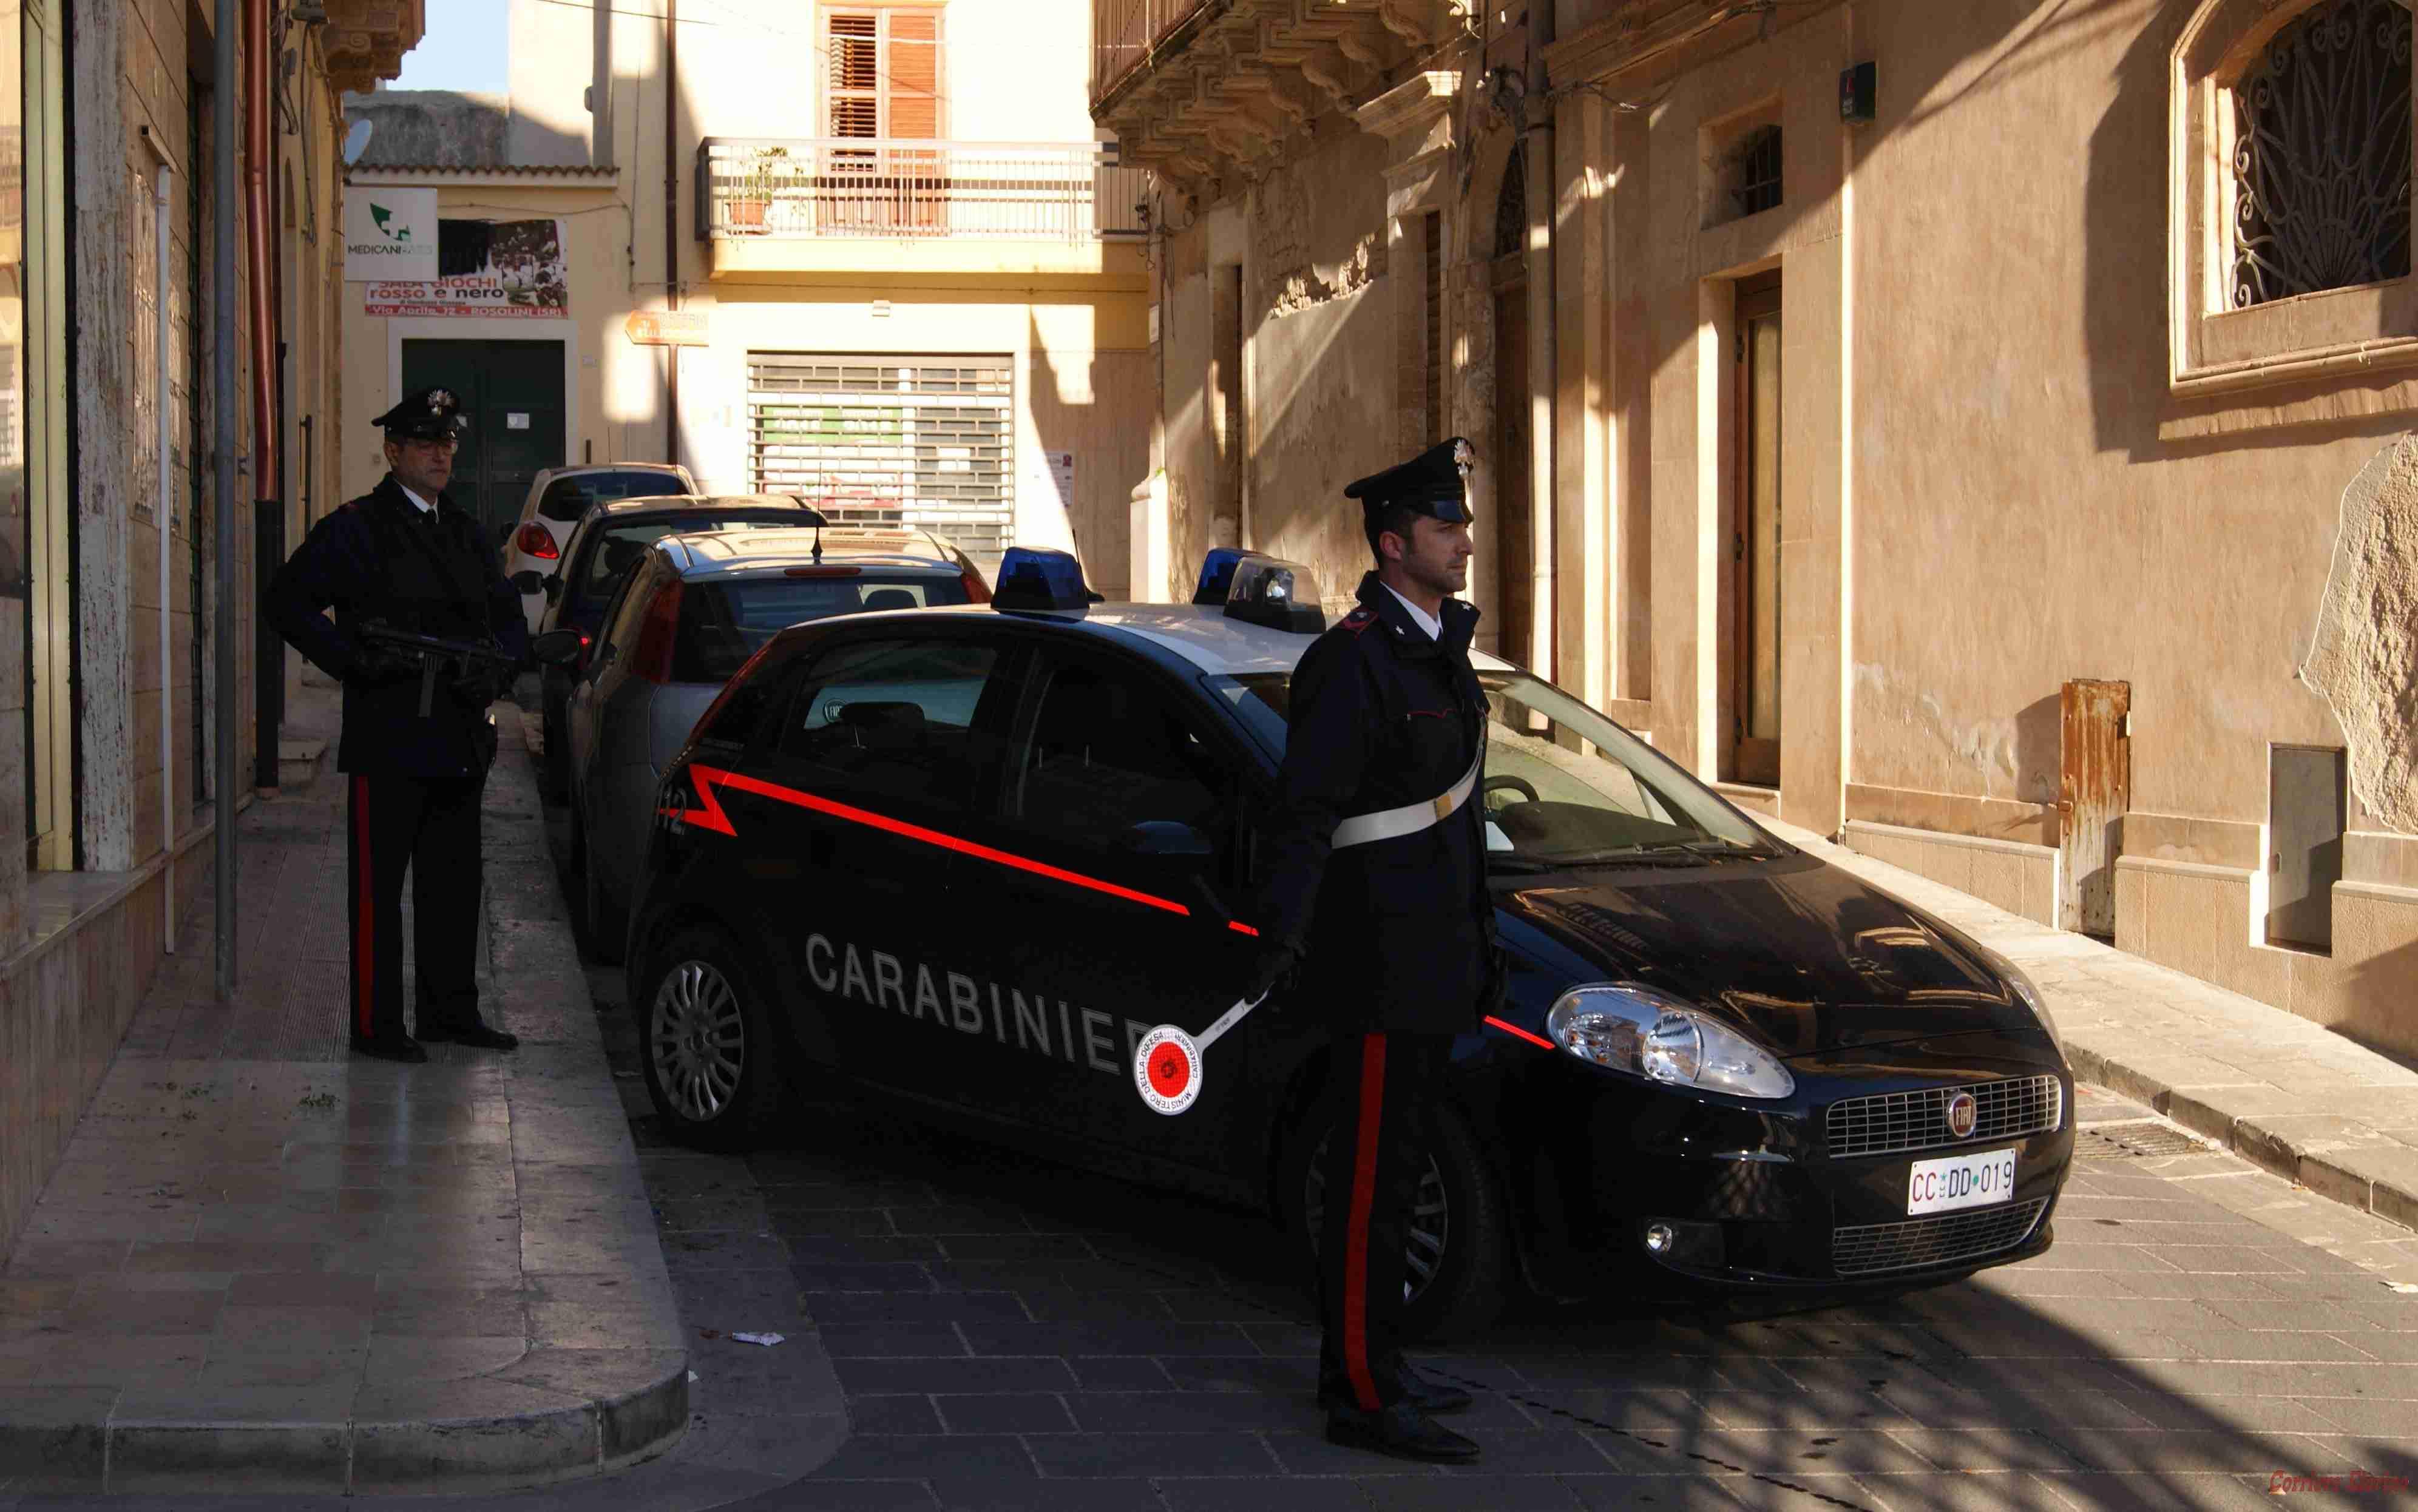 """Erboristeria alla """"Cannabis"""" aperta a Rosolini: sequestrati dai Carabinieri e dai Nas 300 confezioni"""